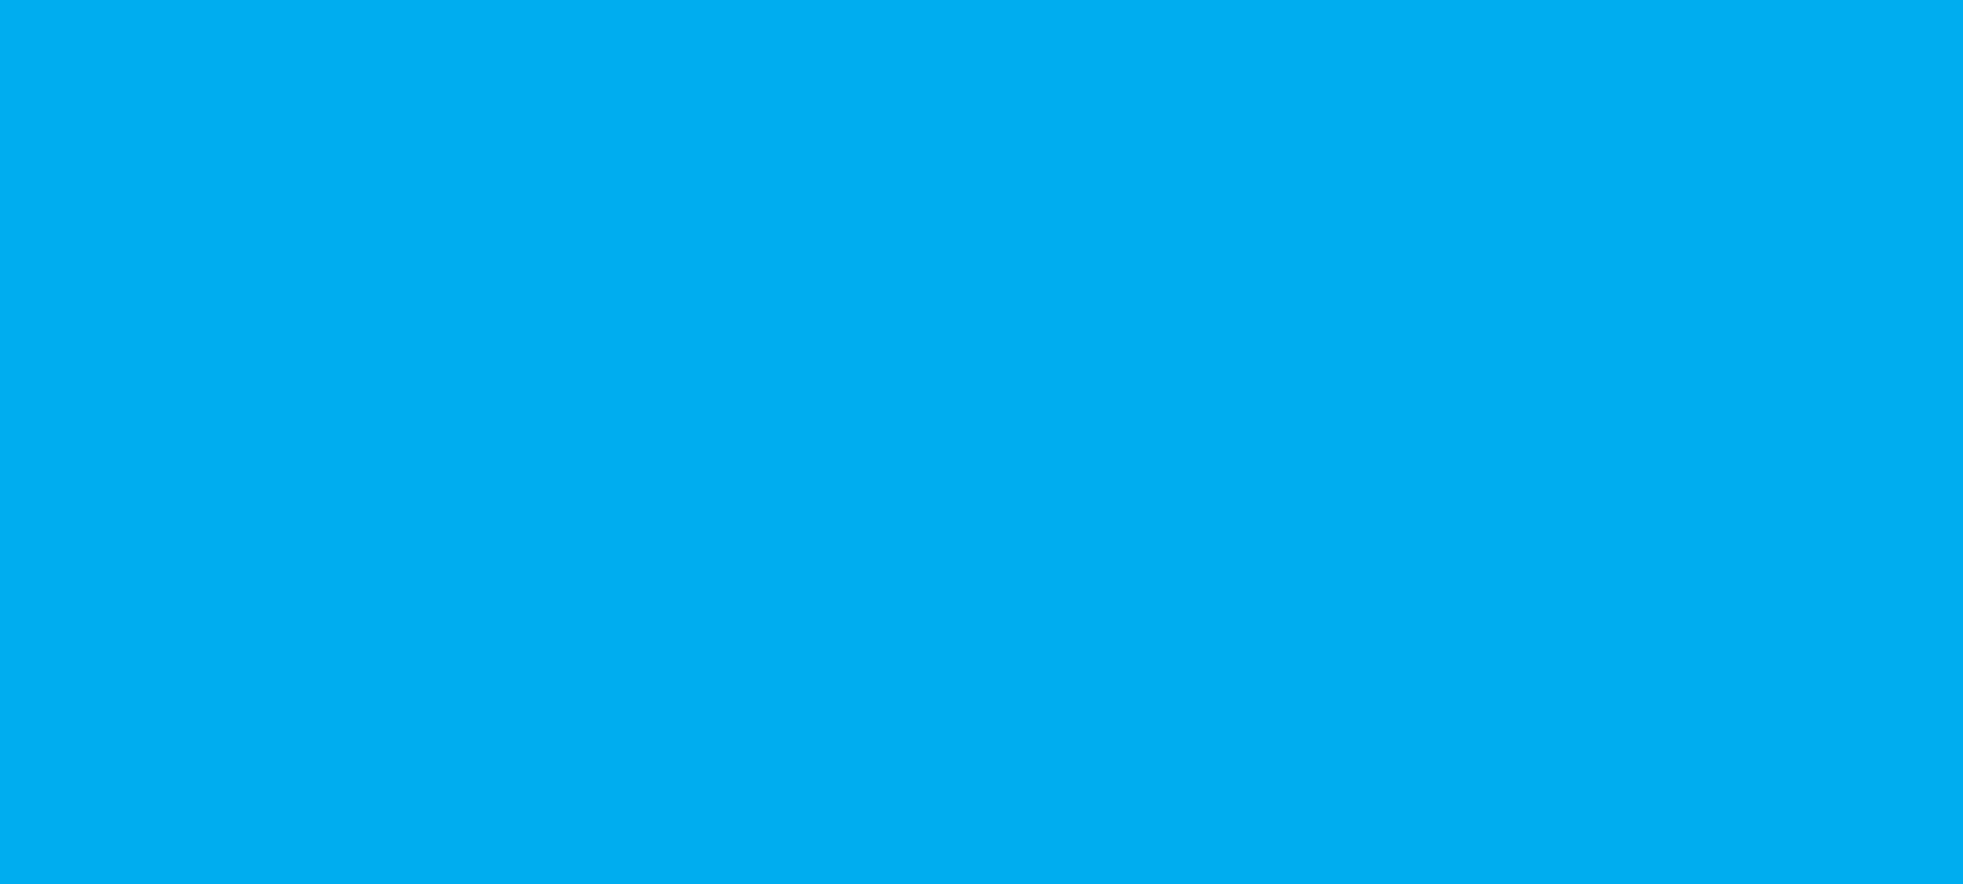 osmoworks-slider-home-blue-1